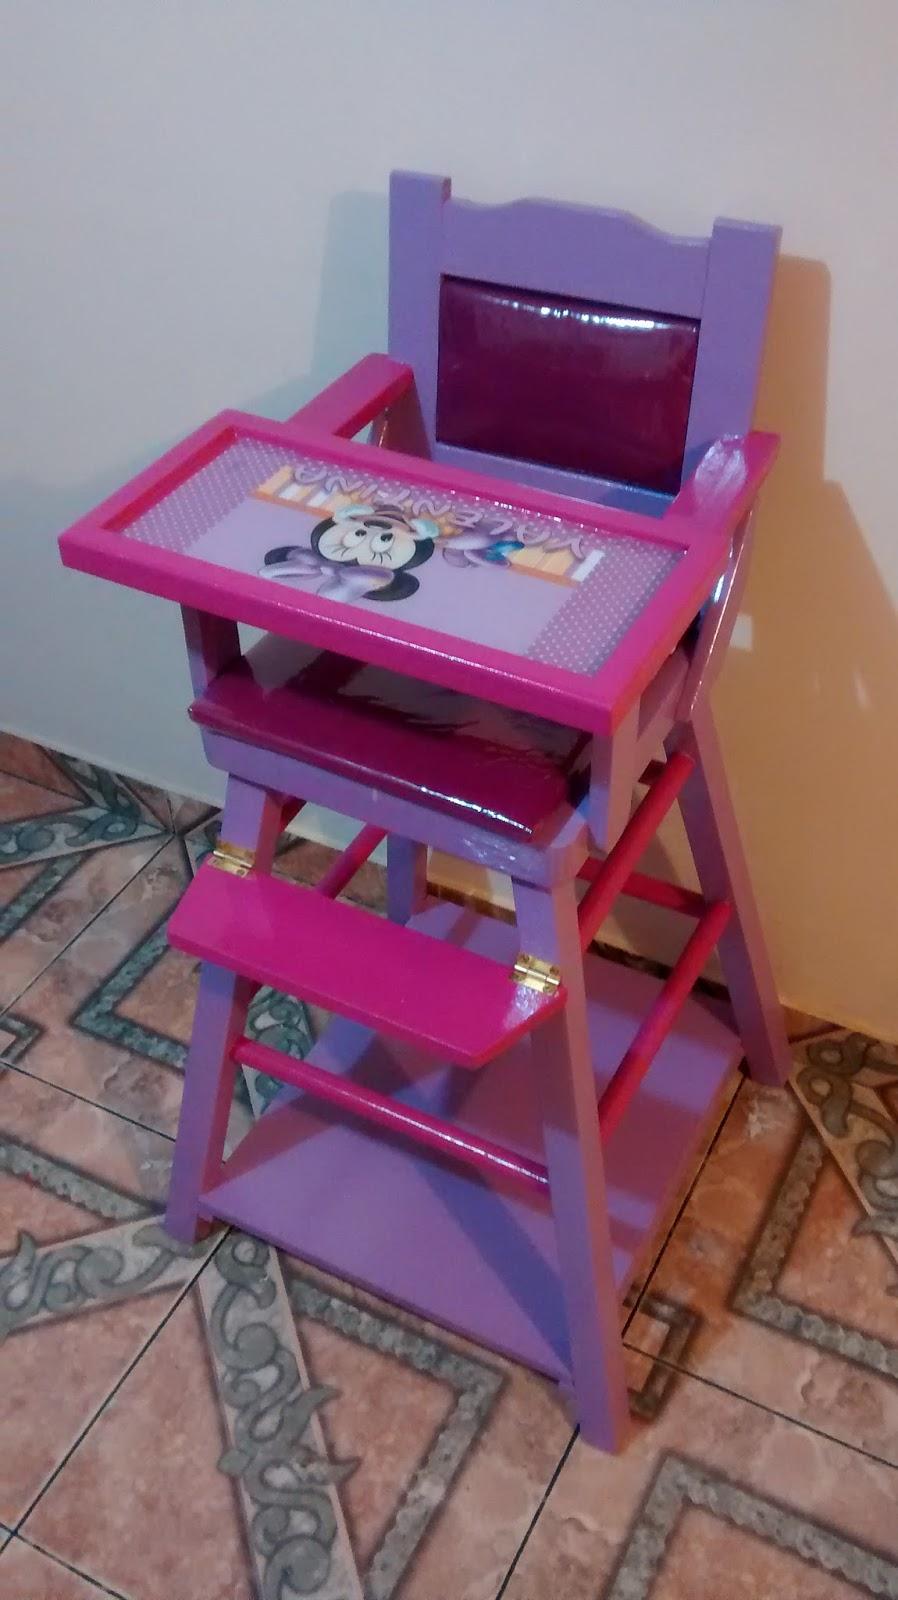 Galeria arte y dise o madekids silla comedor para bebe for Comedor para bebe